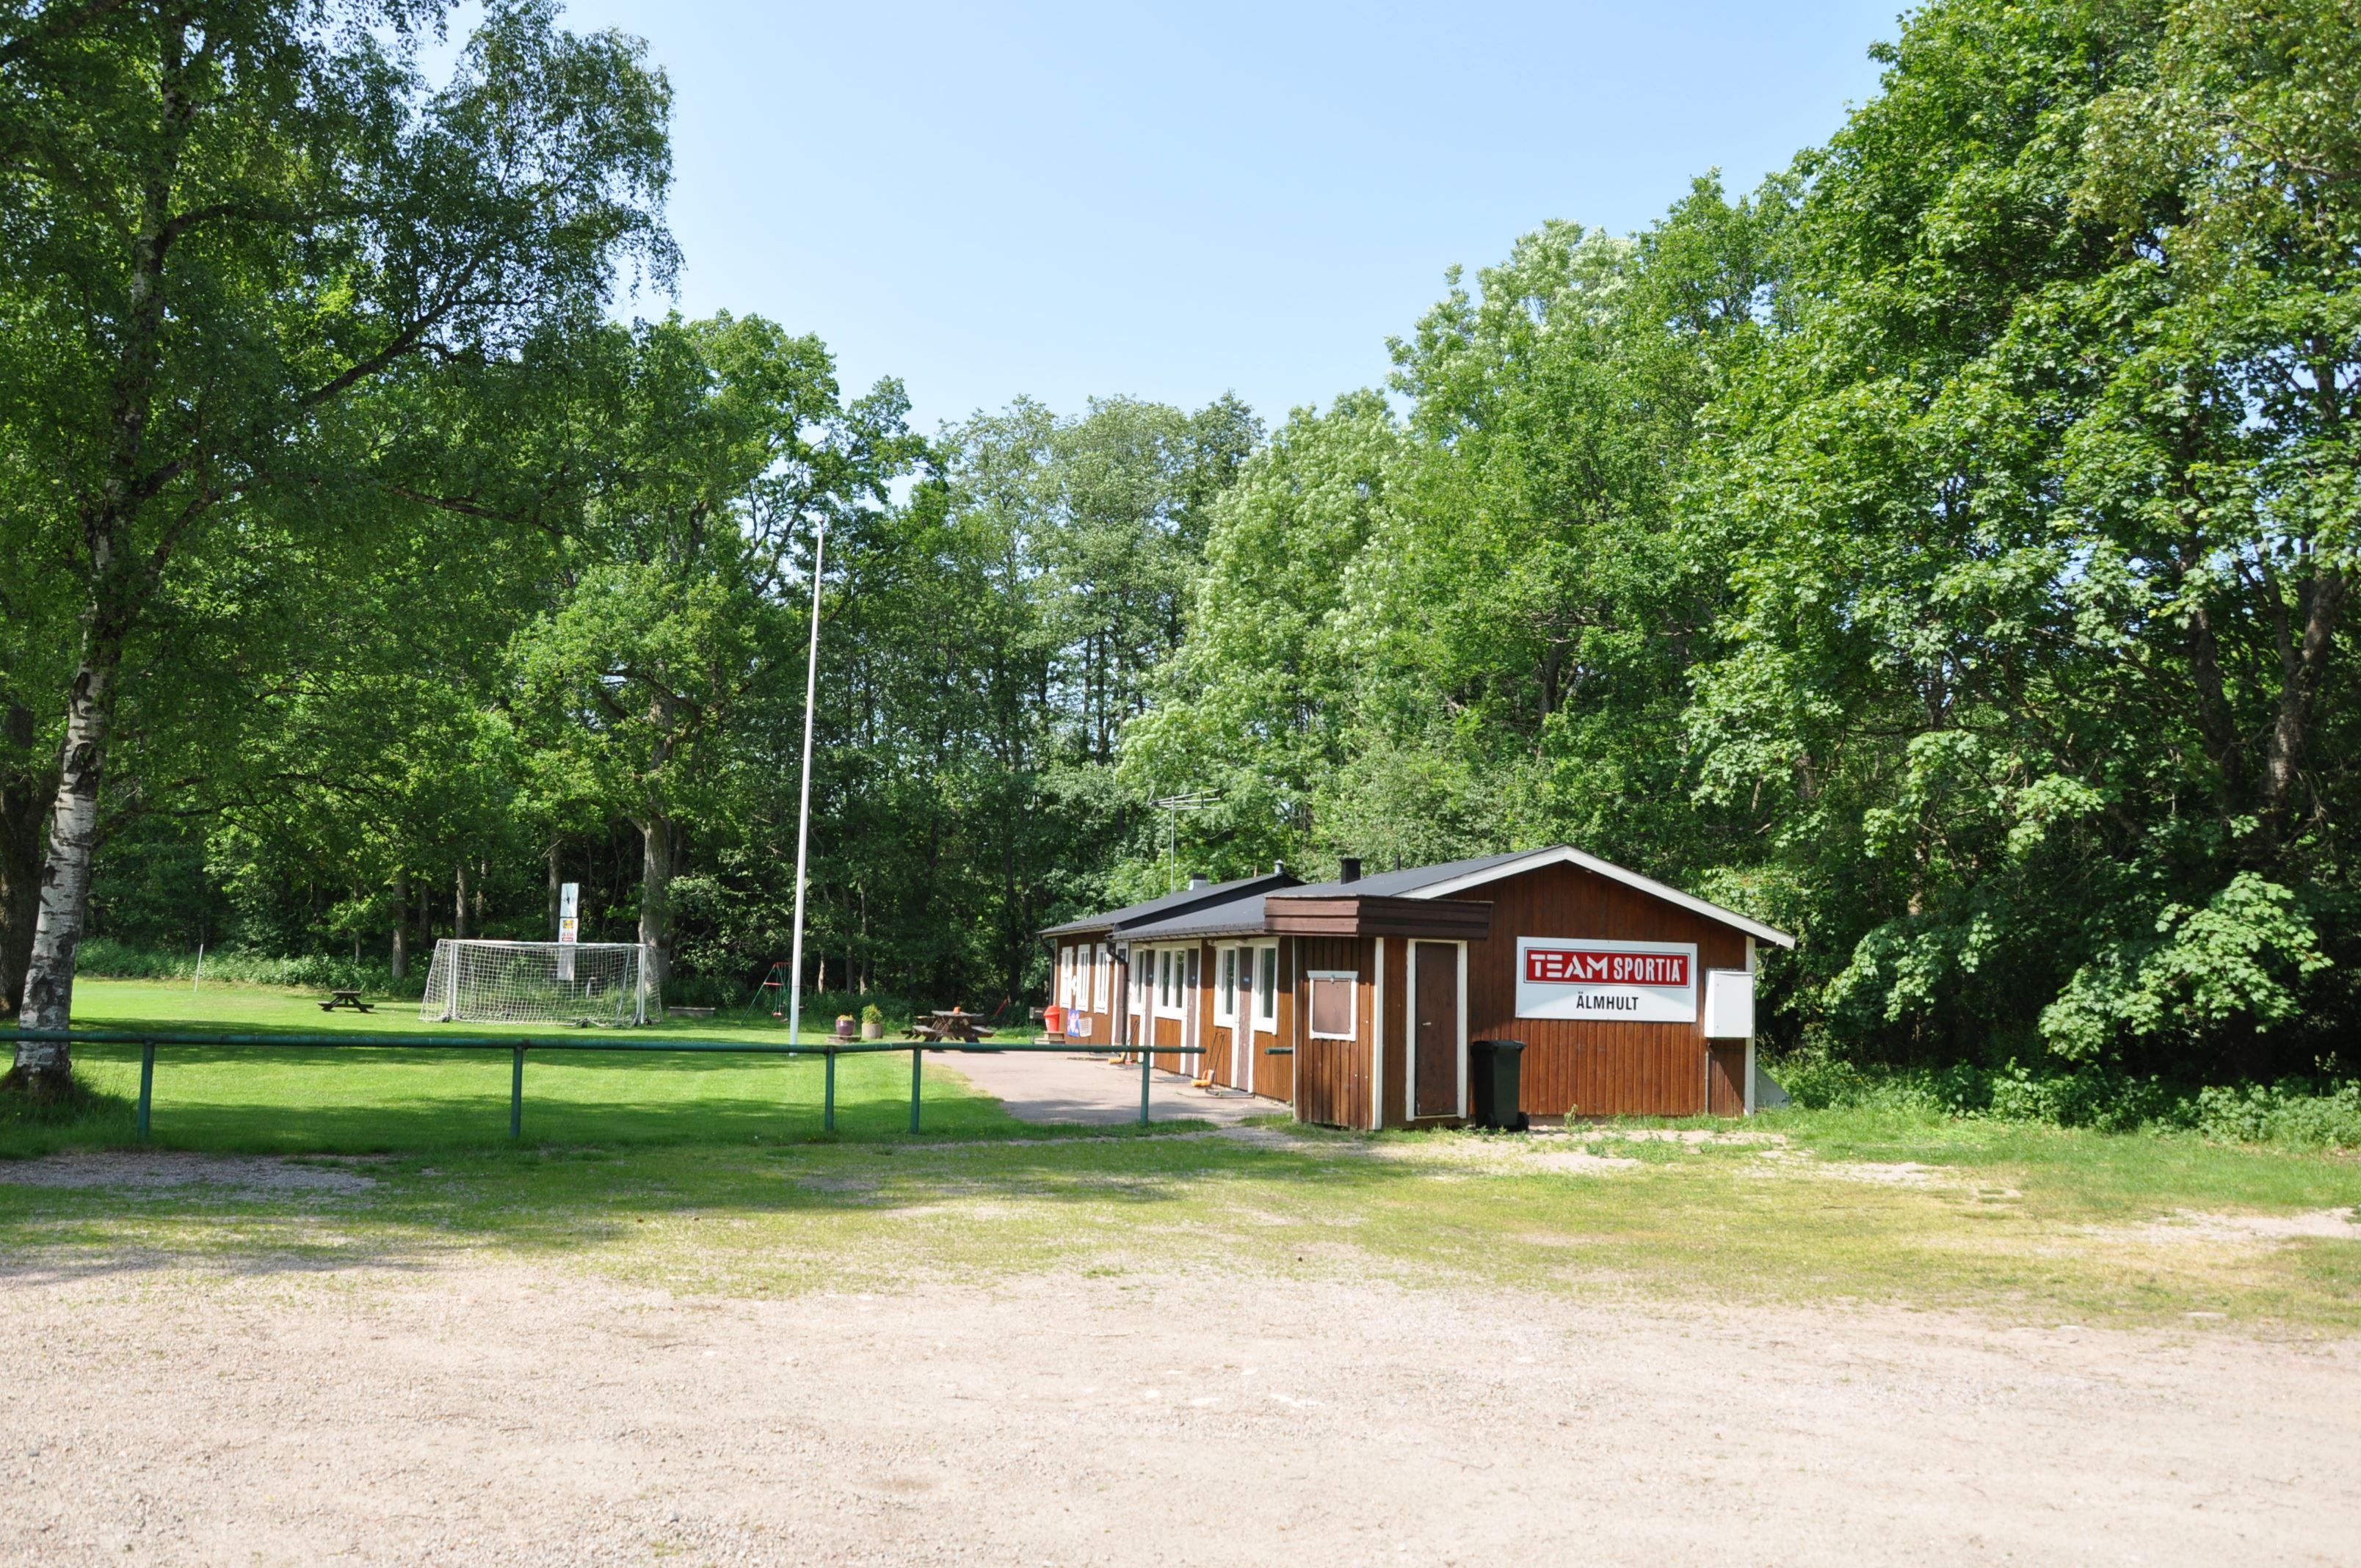 Sportplatz, Delary